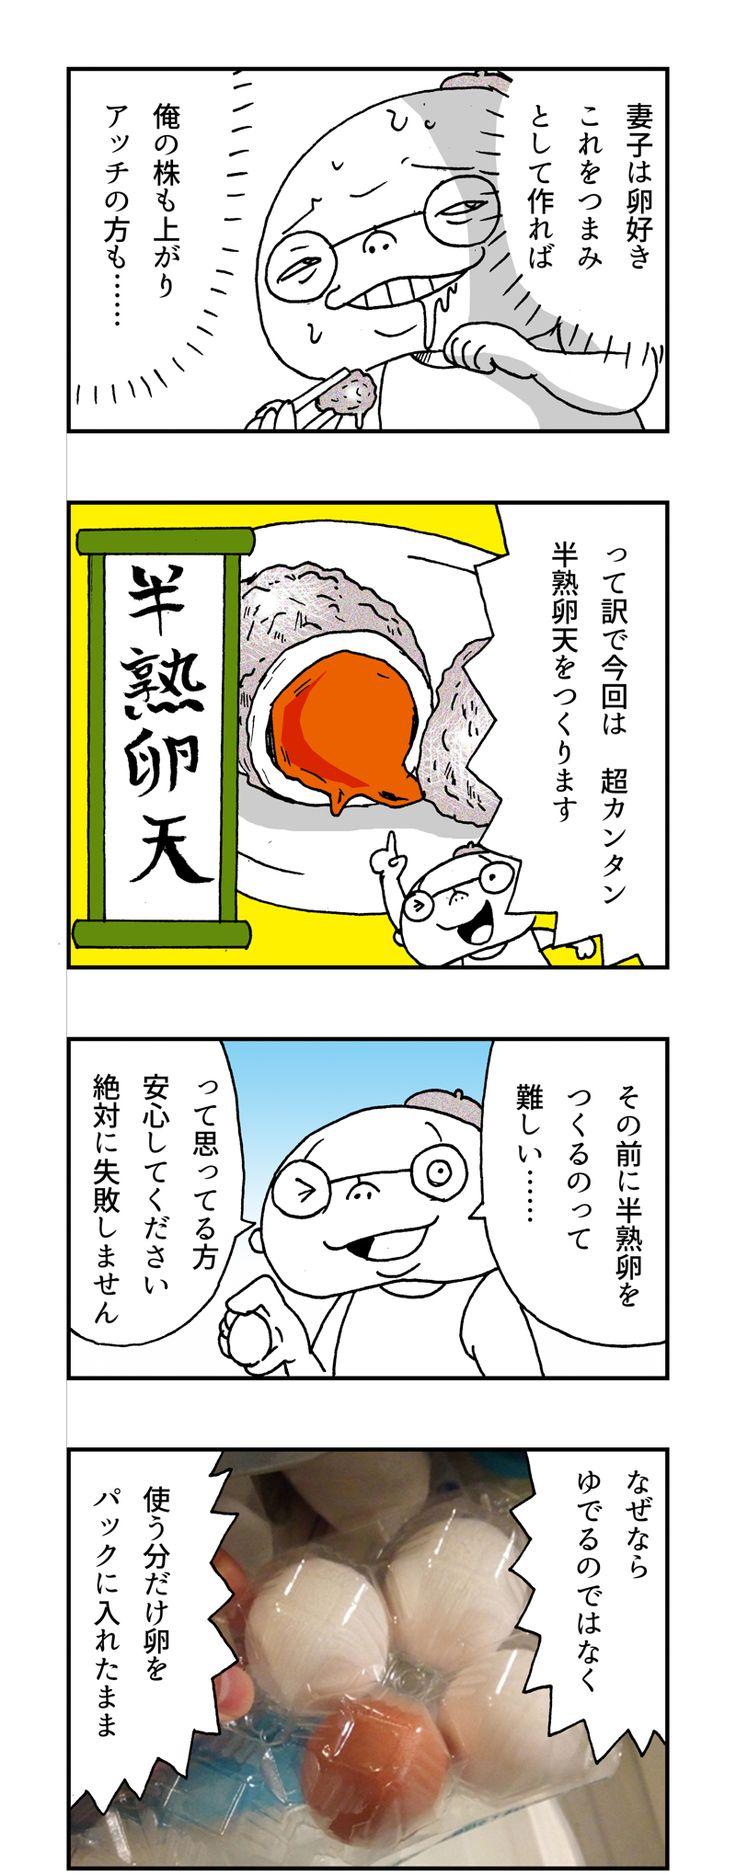 f:id:Meshi2_IB:20161221131952j:plain